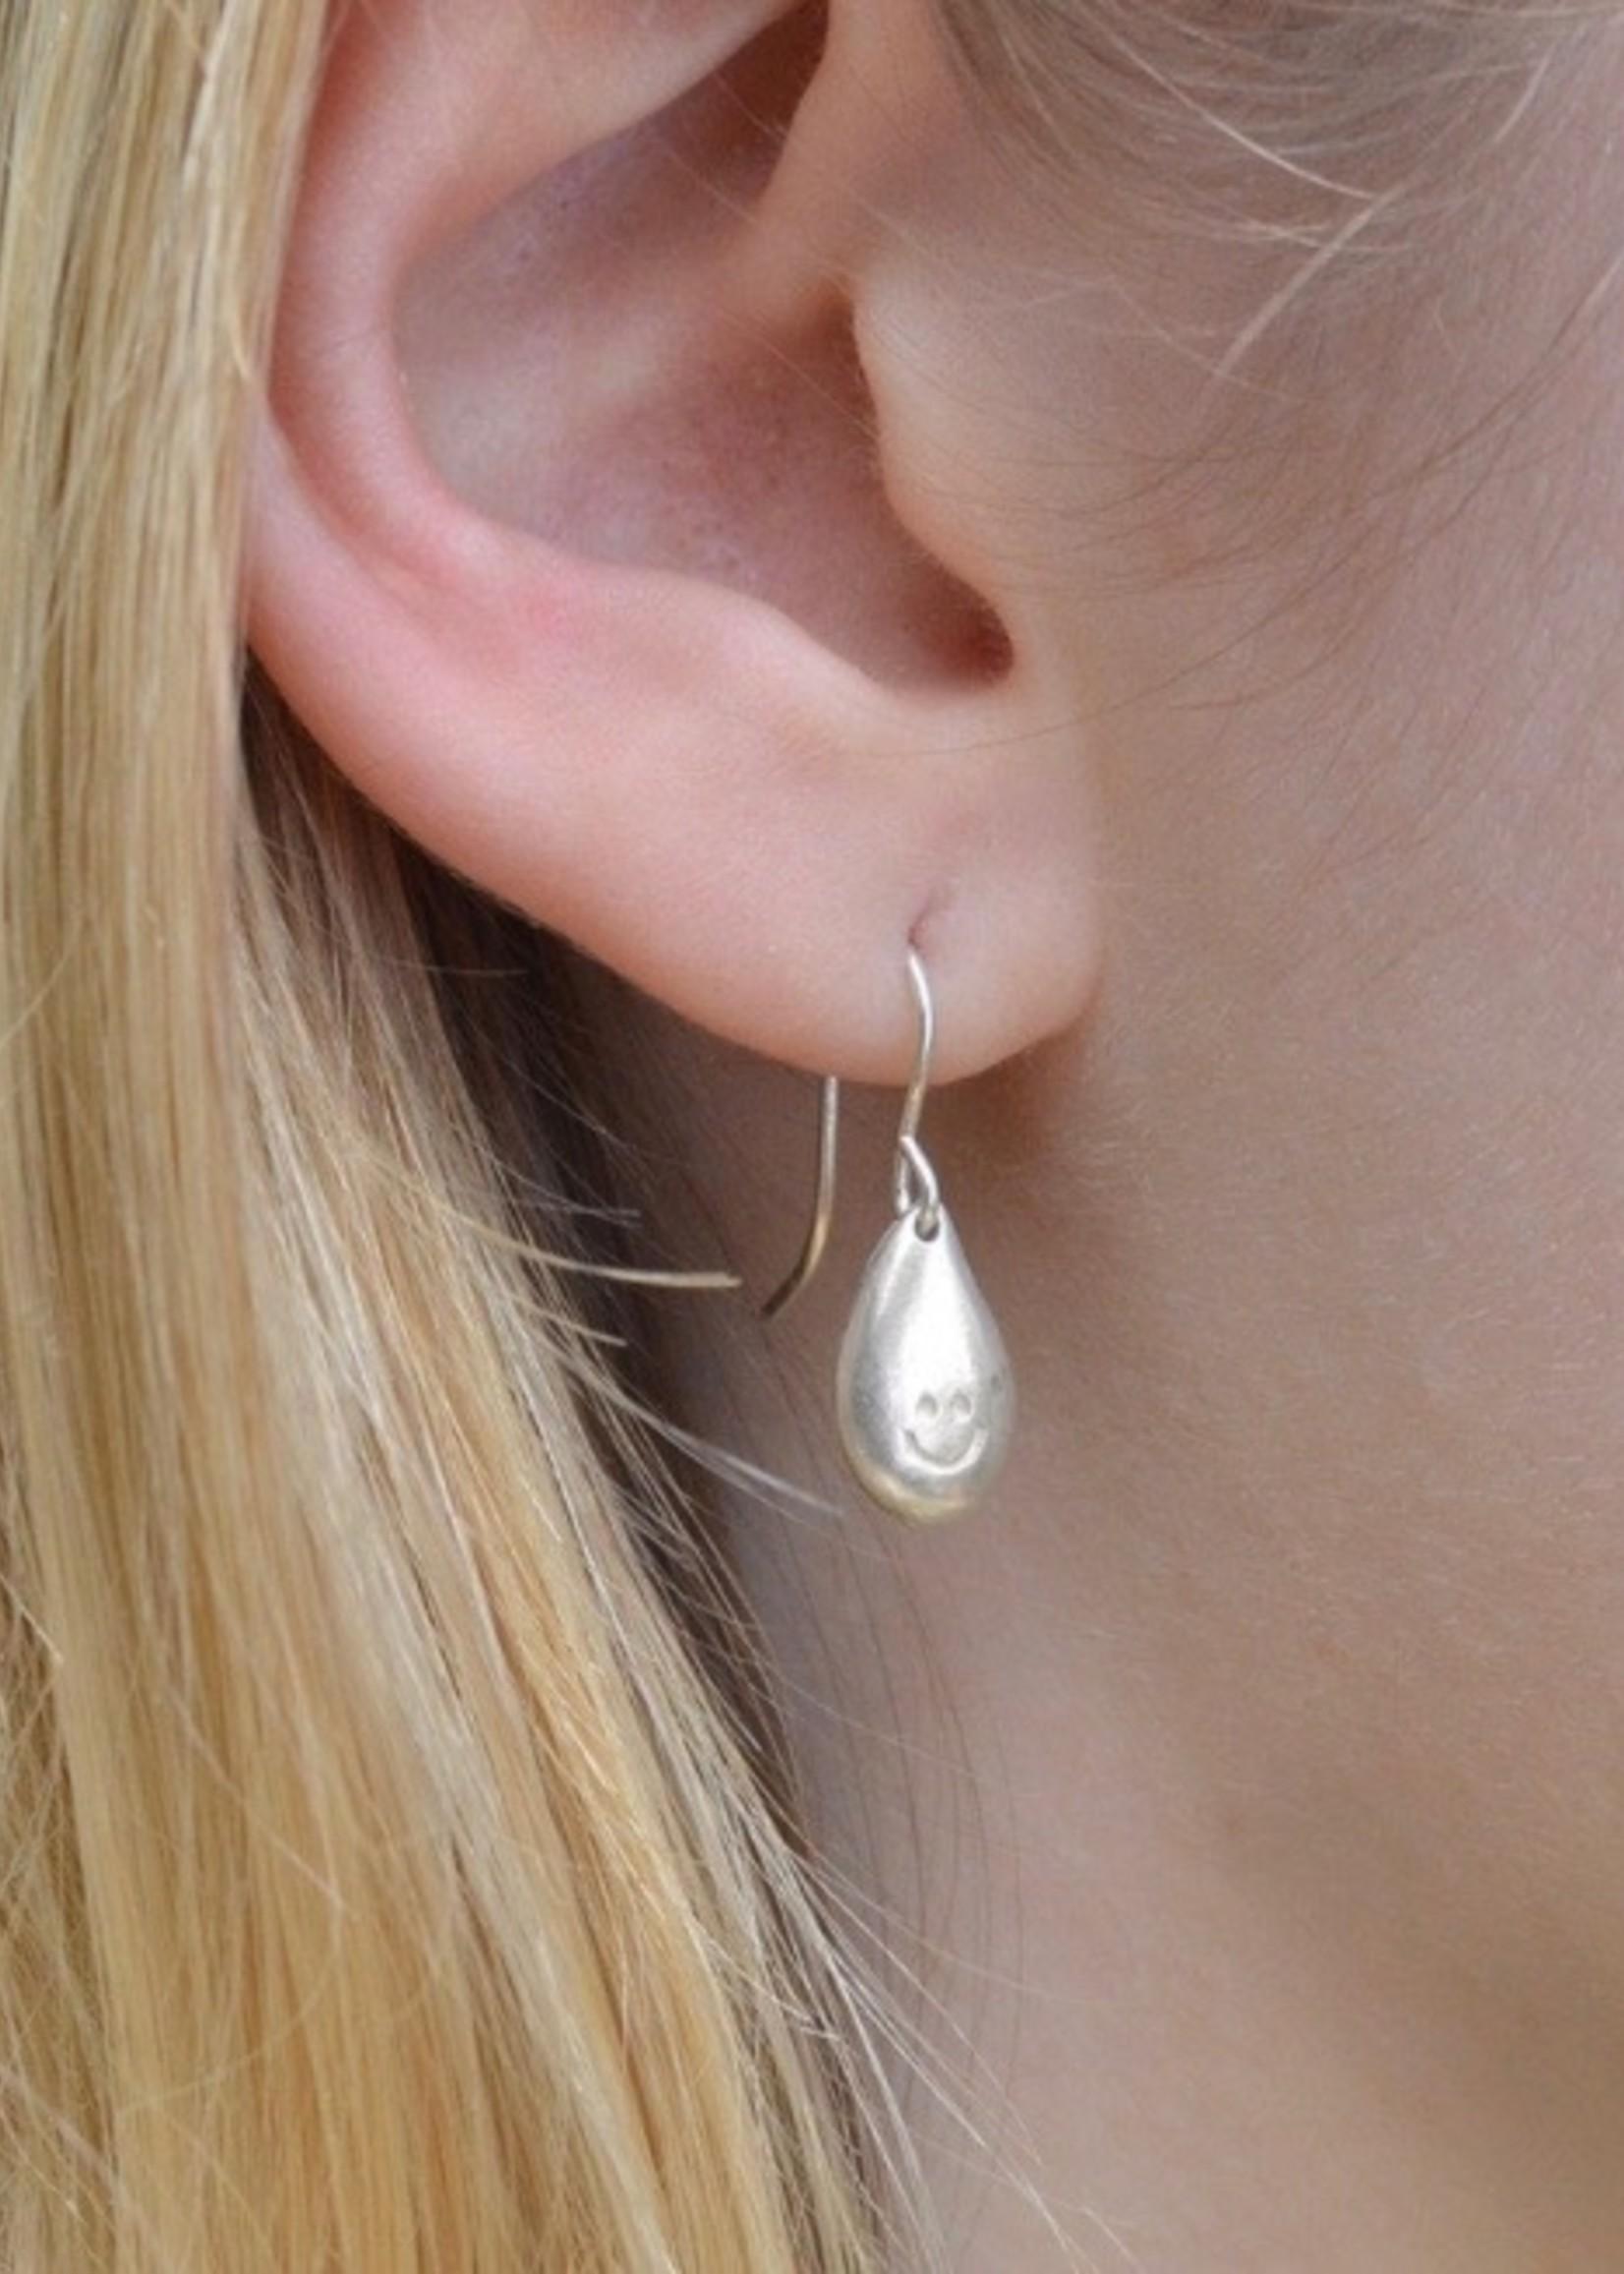 Monochromatiques Tears of Joy Earrings by Monochromatiques